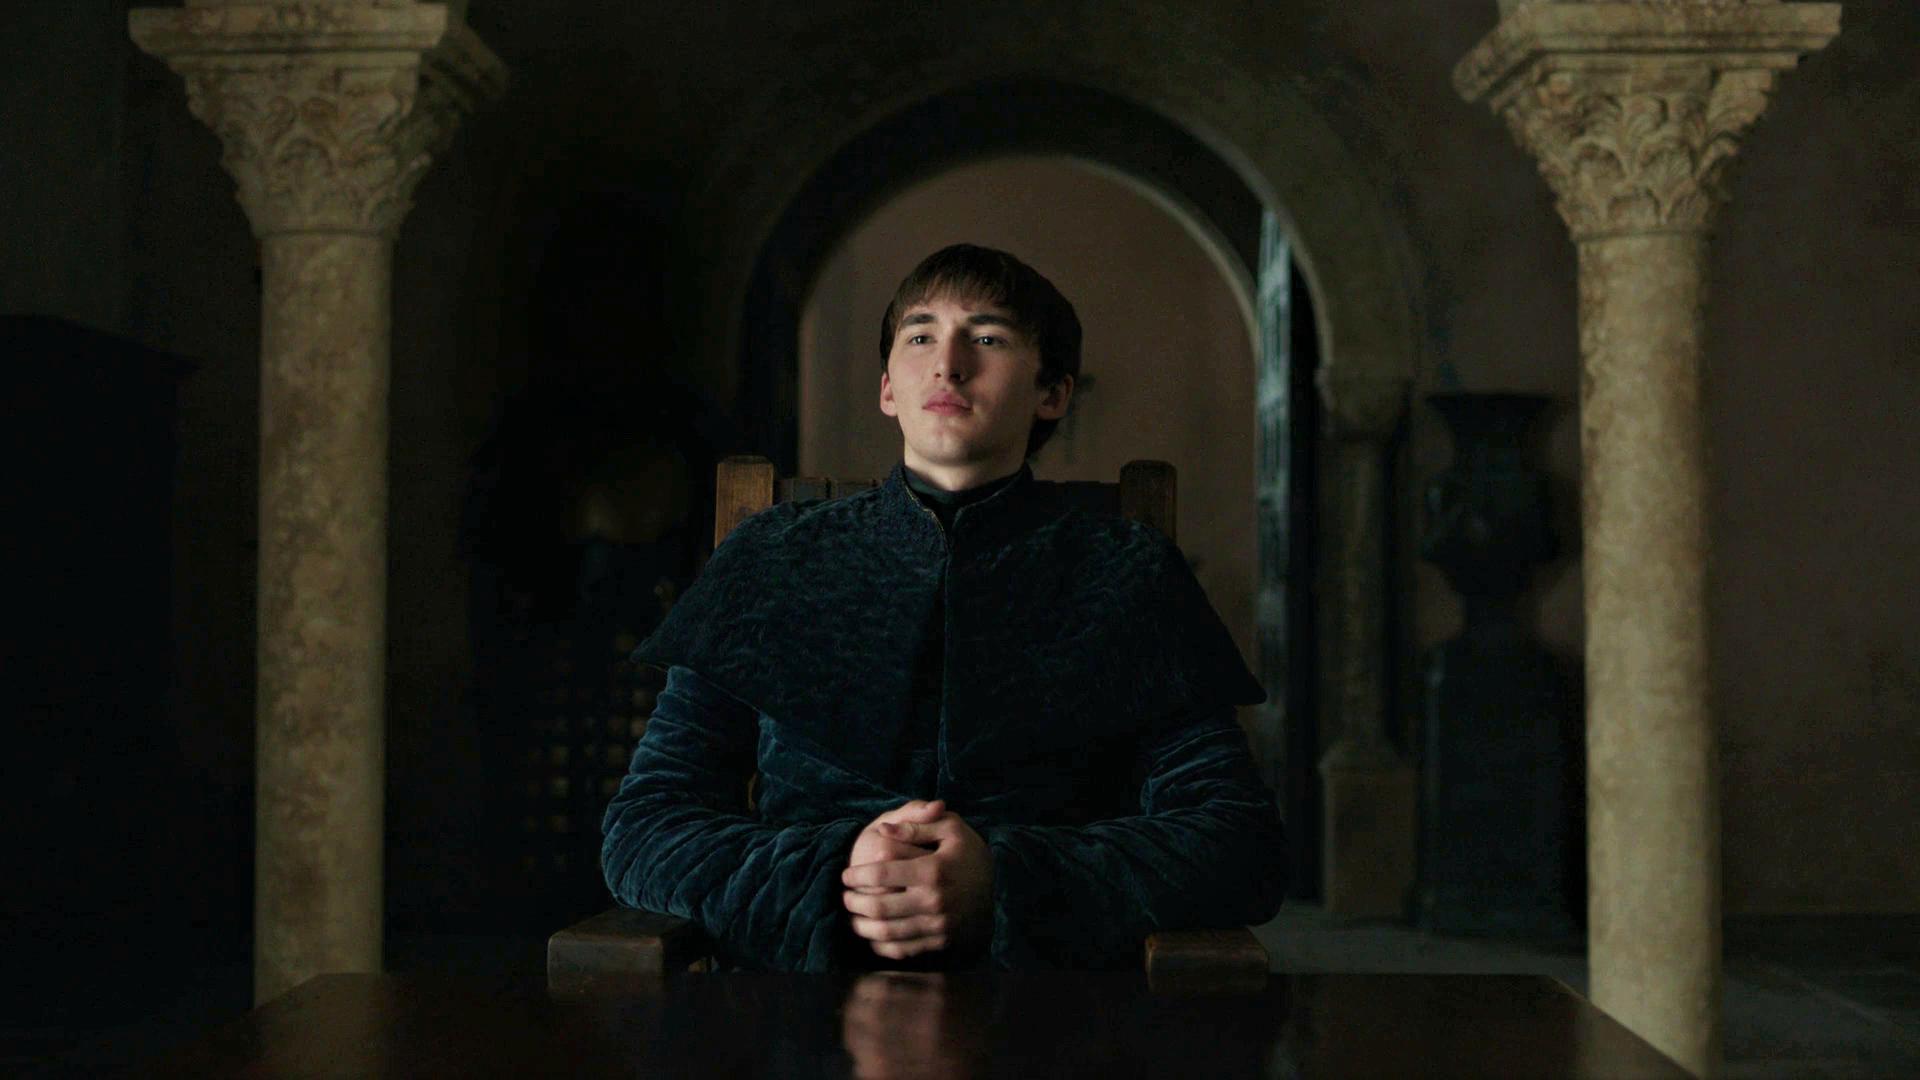 Bran Stark King Red Keep King's Landing Season 8 806 Iron Throne